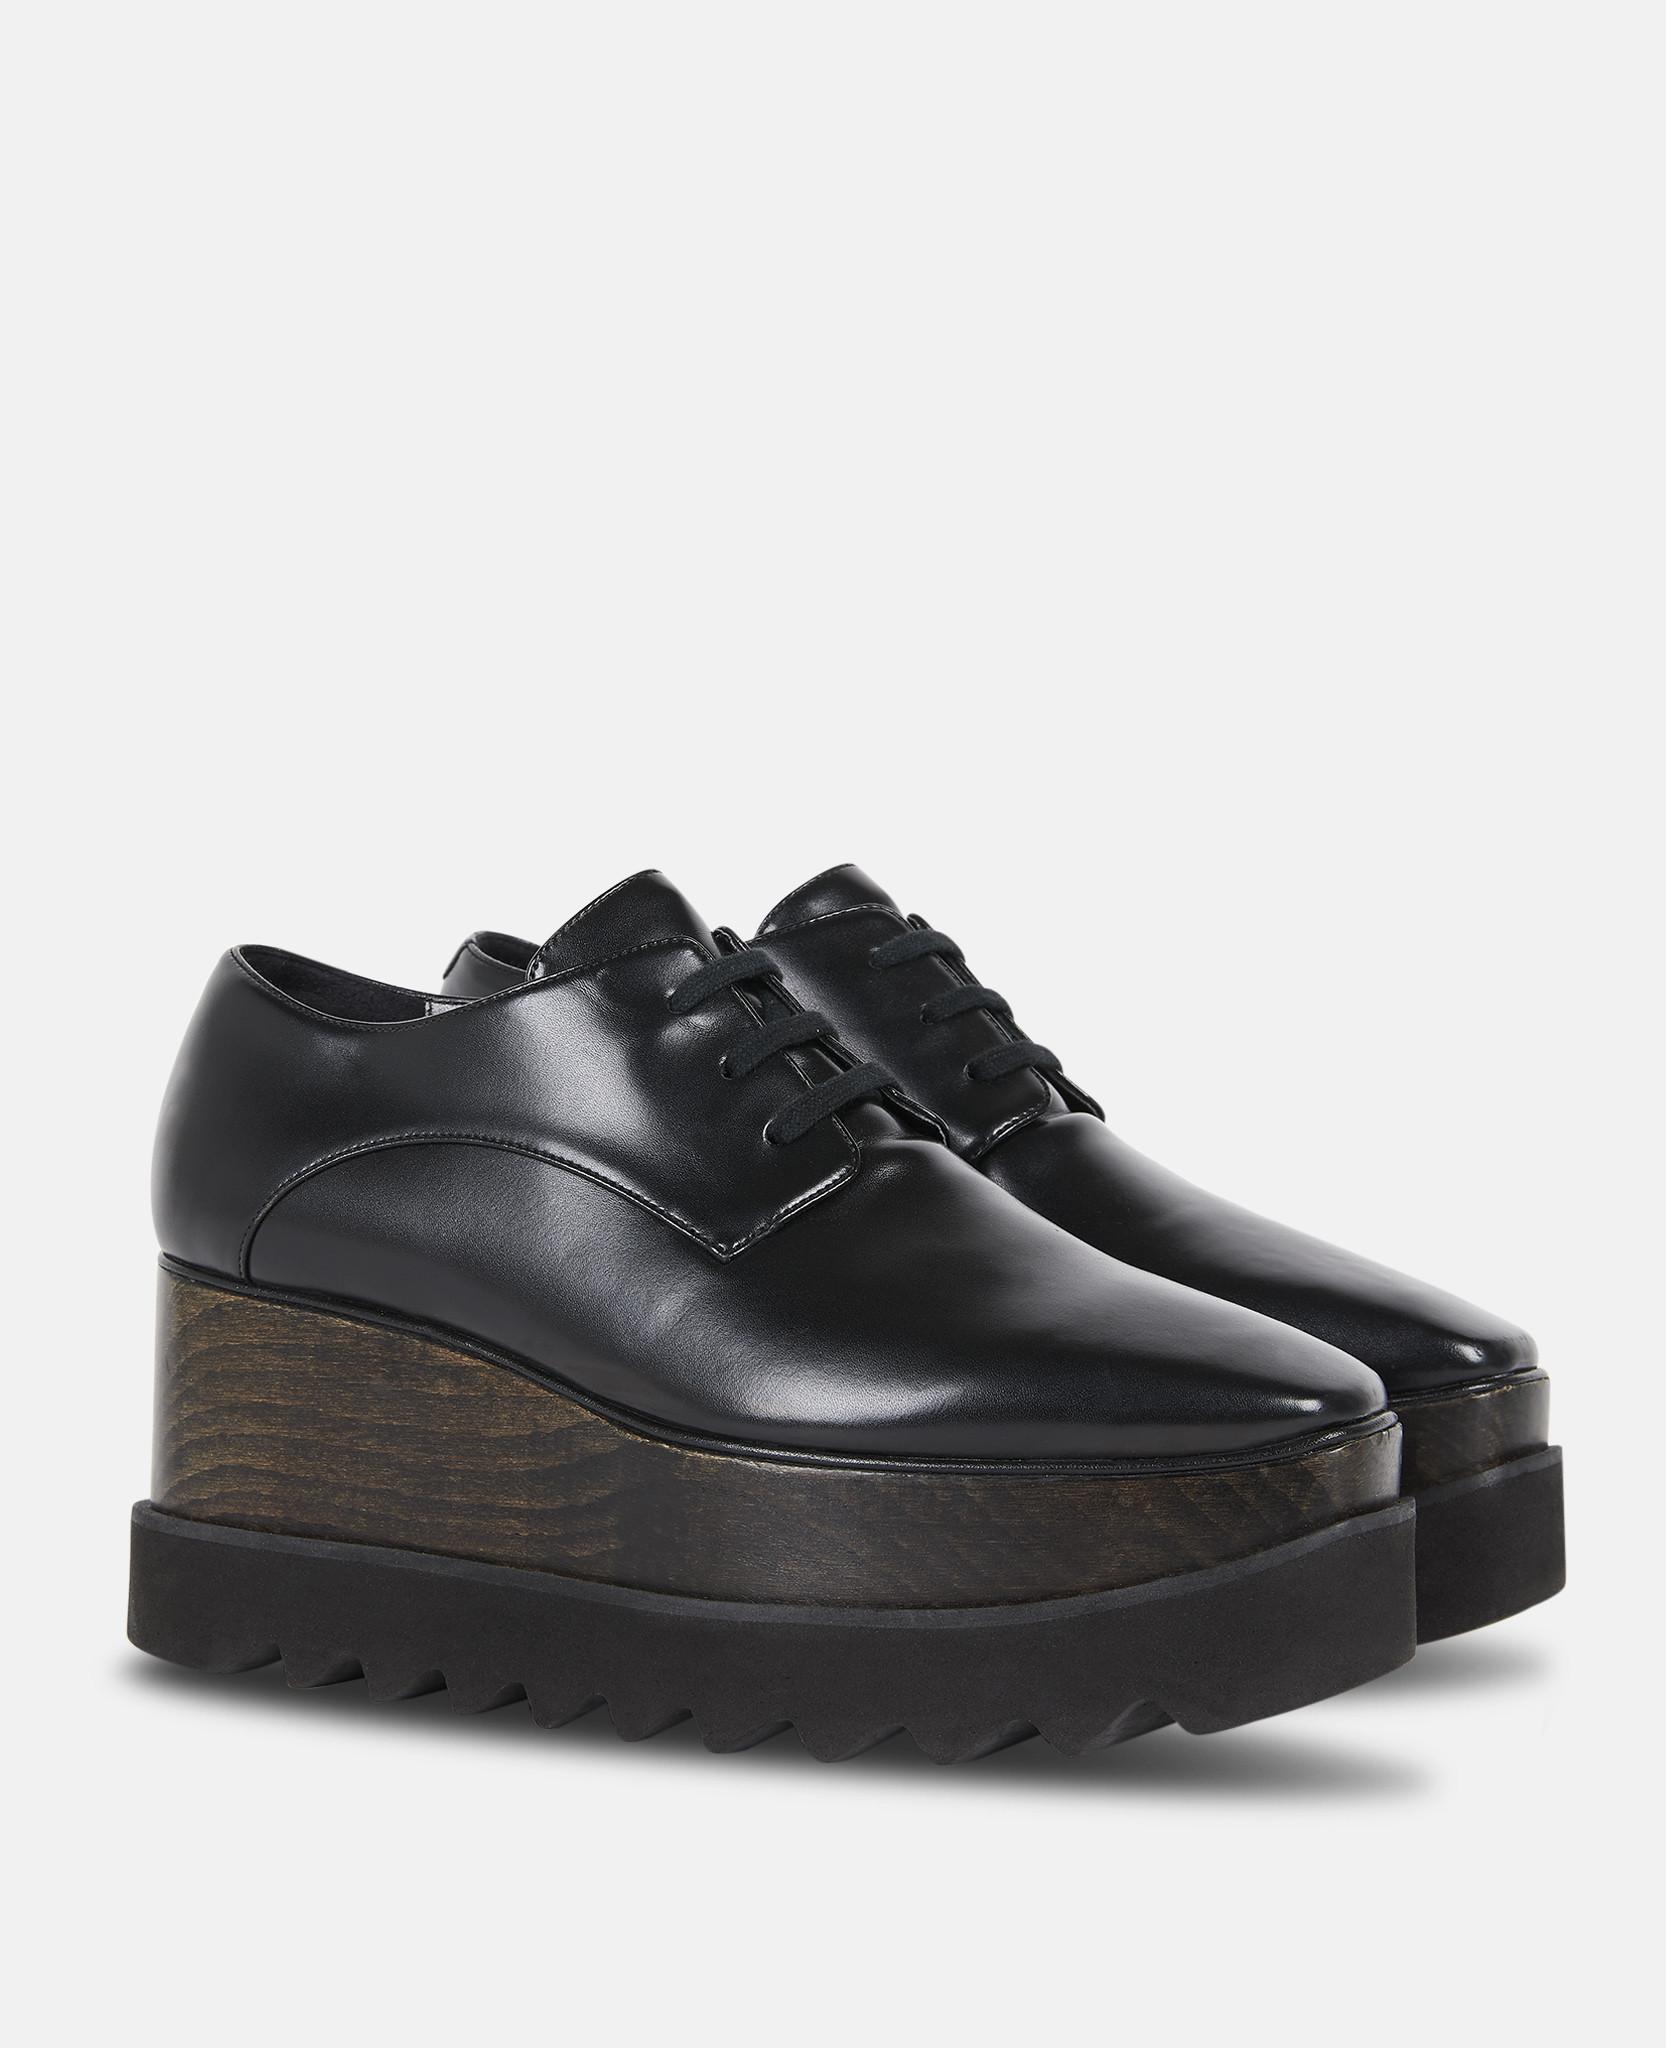 cb2126c336c Lyst - Stella McCartney All Black Elyse Shoes in Black